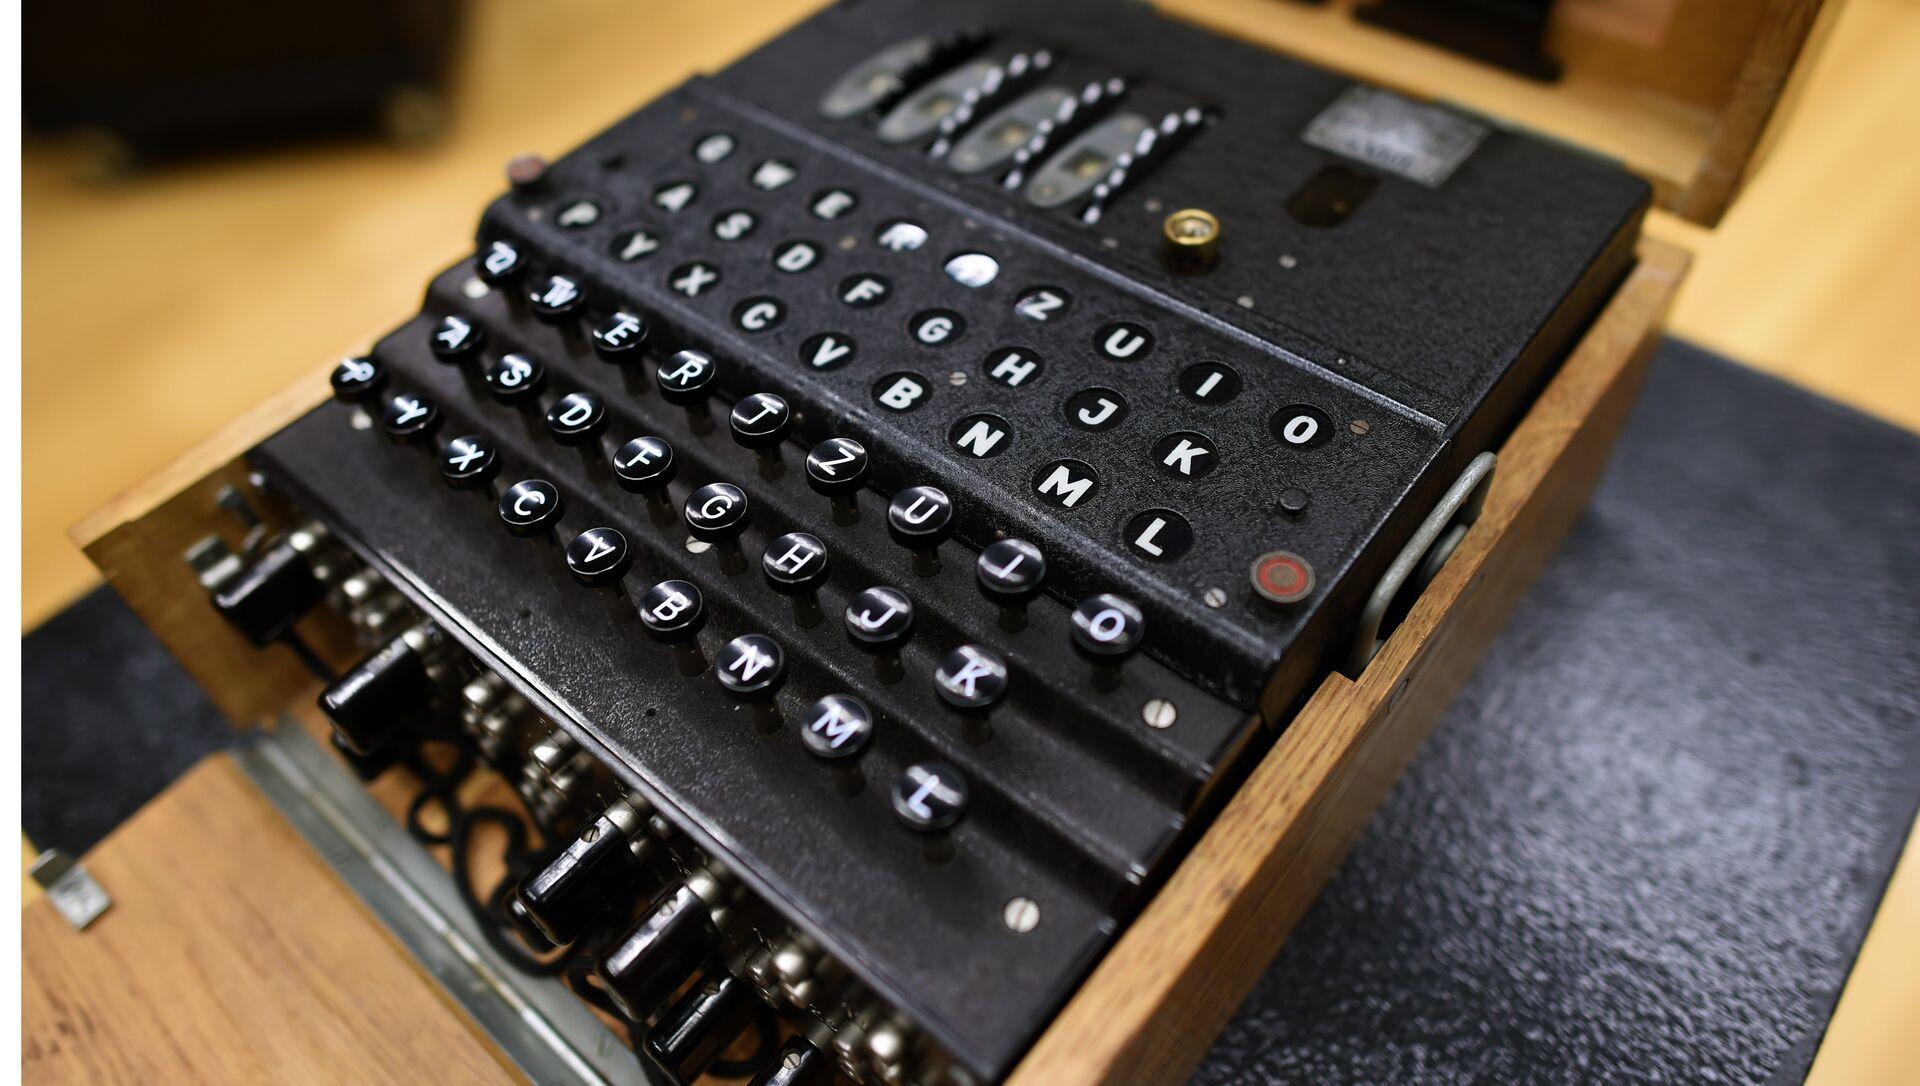 La máquina de descifrado Enigma - Sputnik Mundo, 1920, 10.05.2020